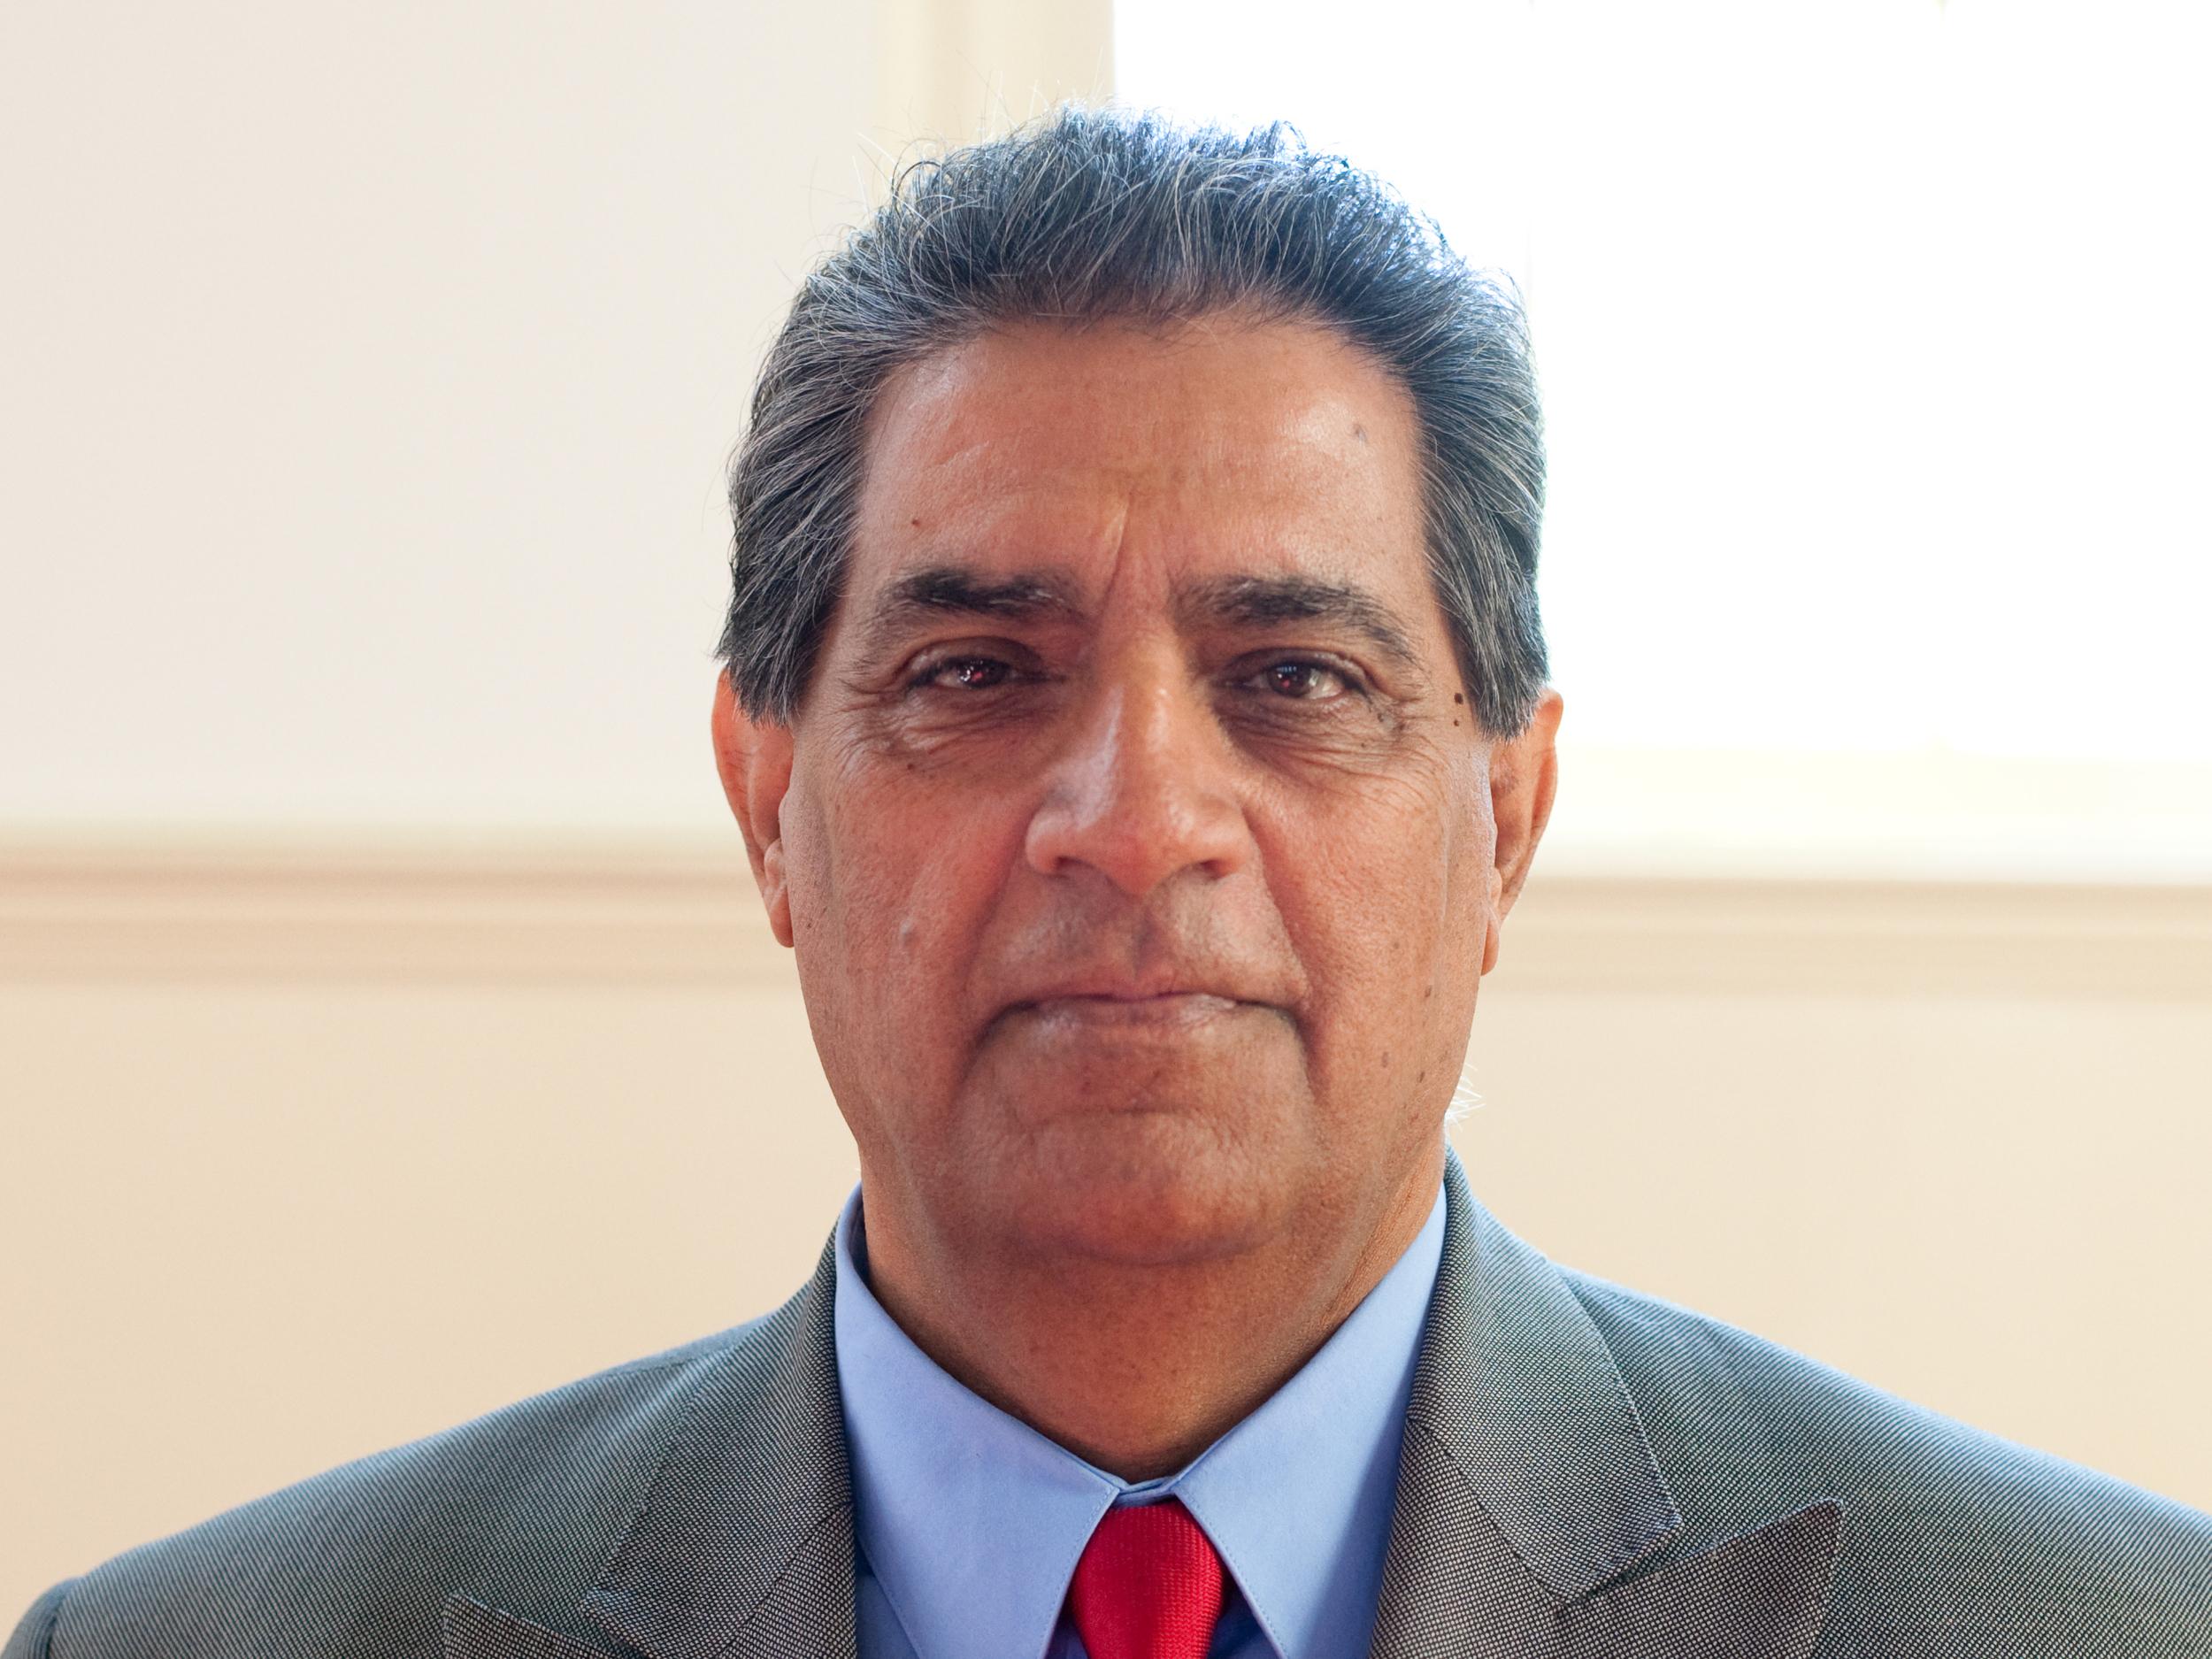 Asad Hashemi, Pastor of Farsi Fellowship - farsi@foresthills.org919-828-6161x134